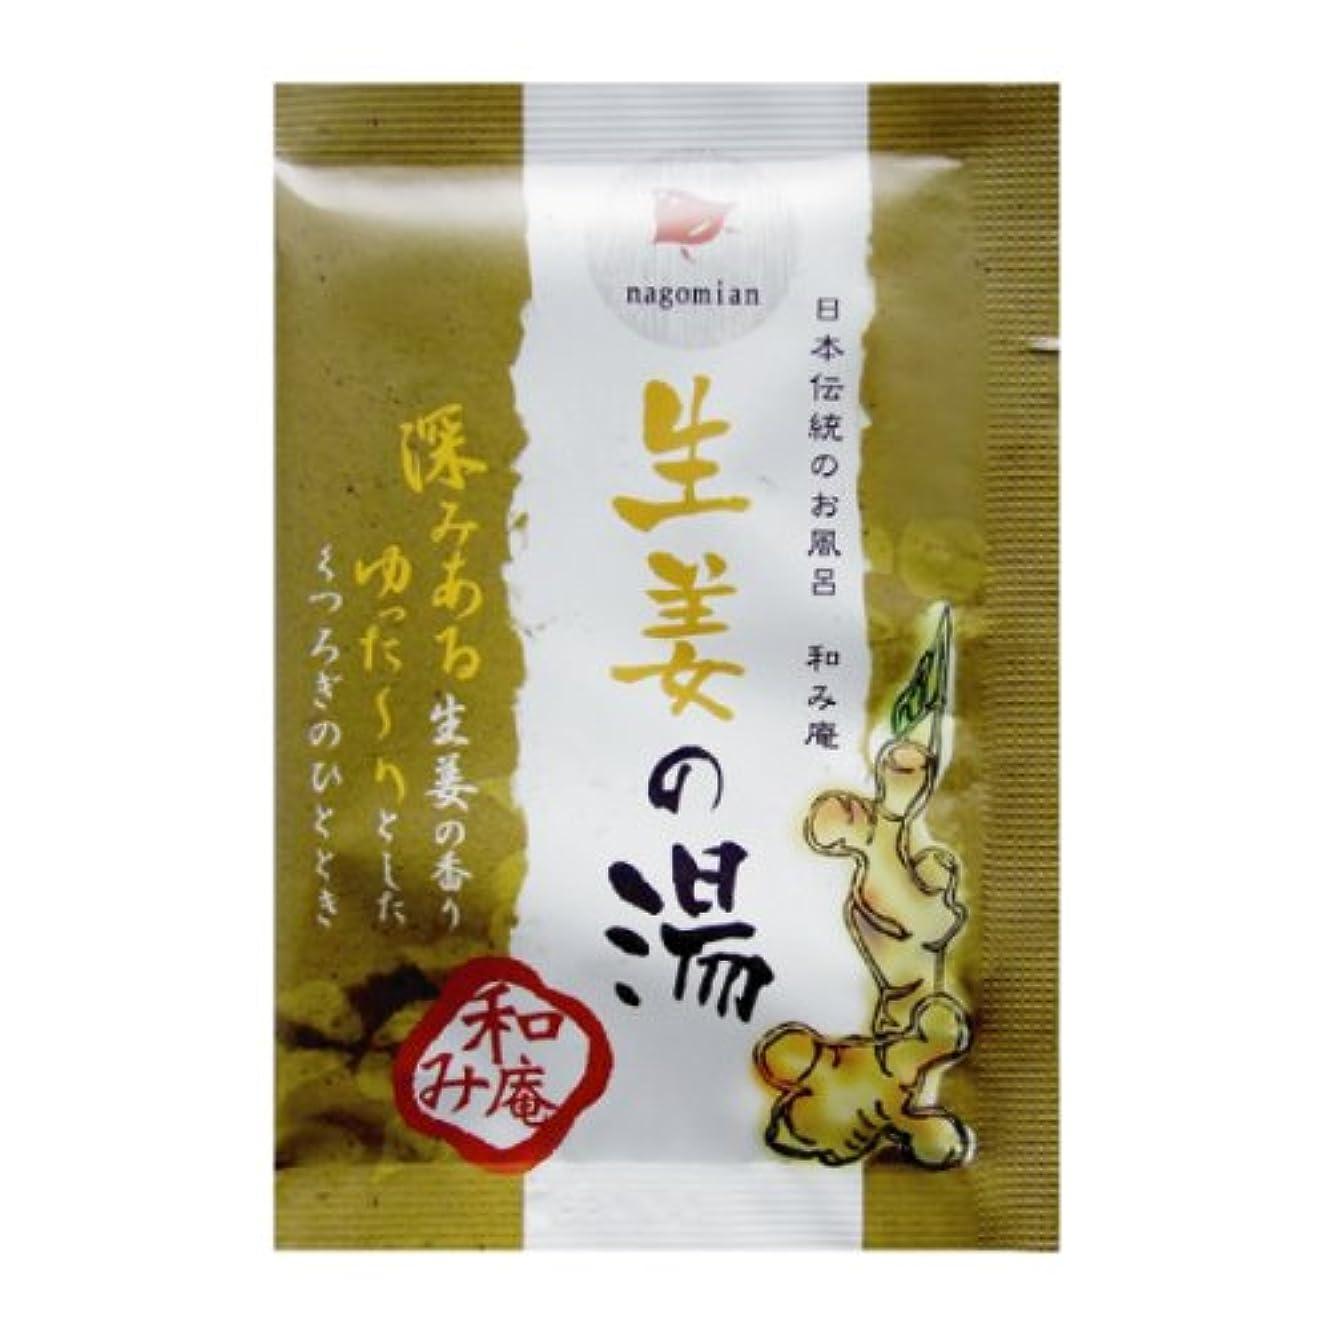 メダリストアルプス切り離す日本伝統のお風呂 和み庵 生姜の湯 200包